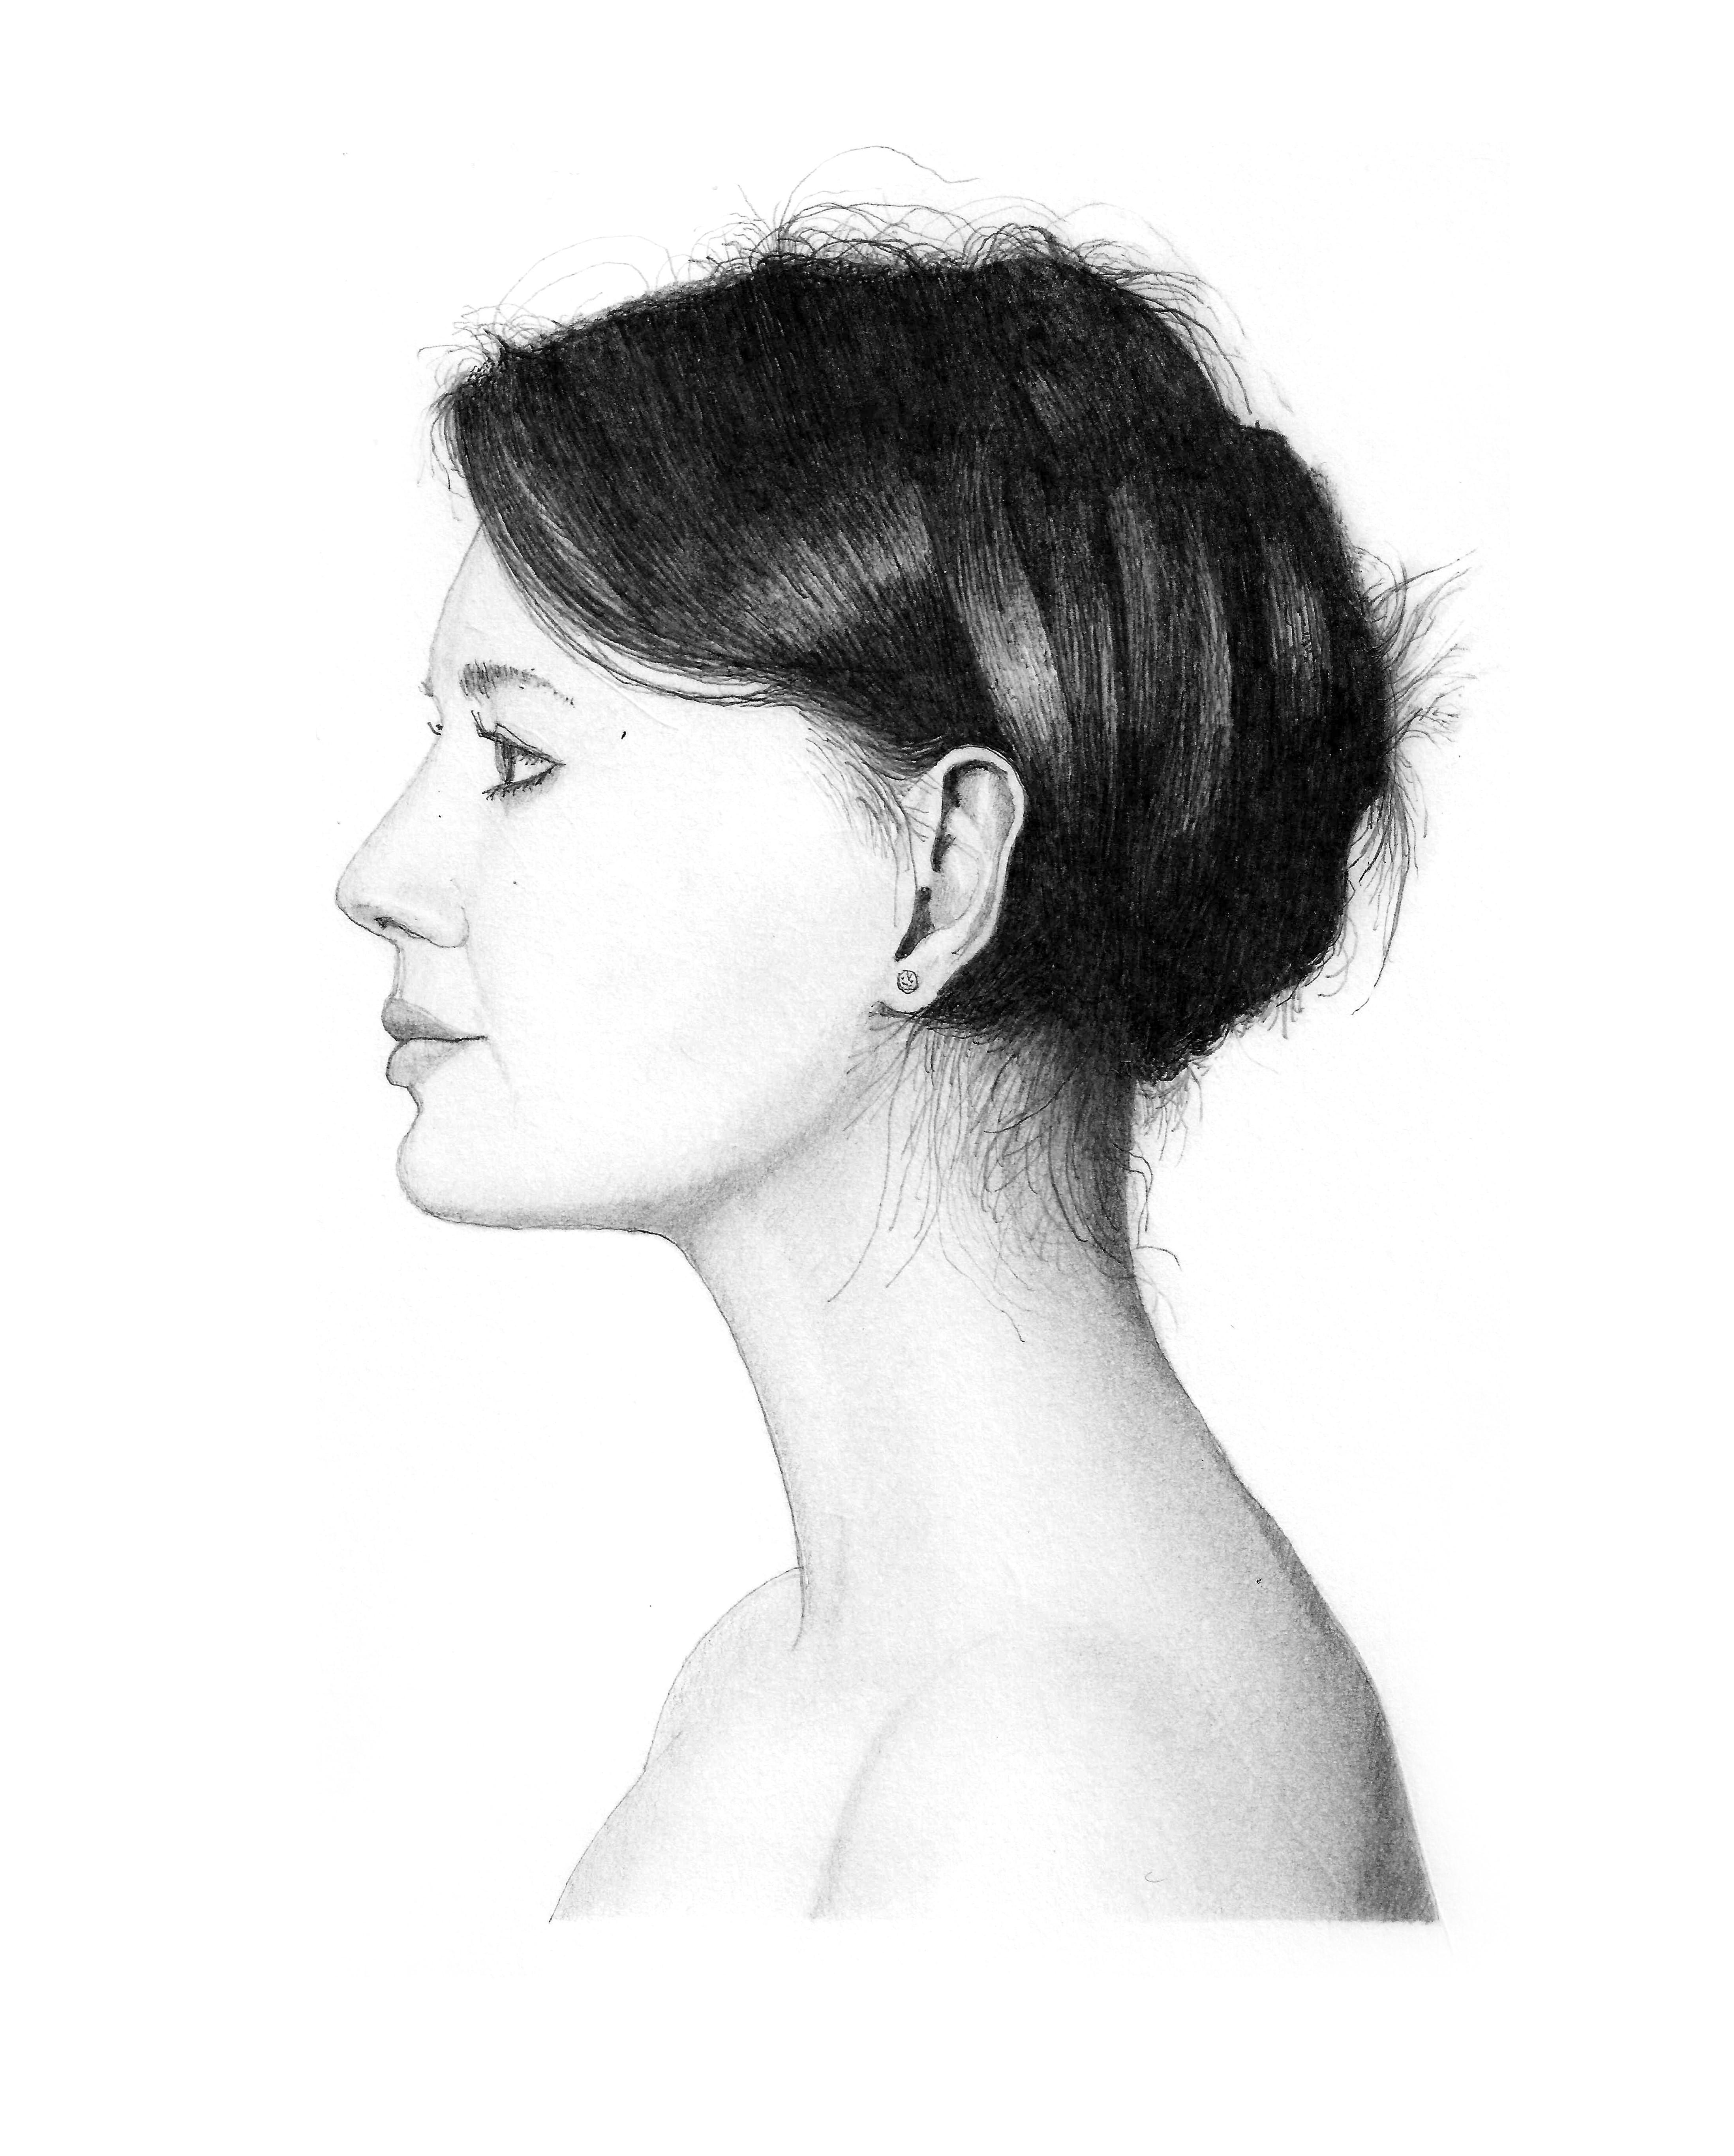 Woman in profile P13